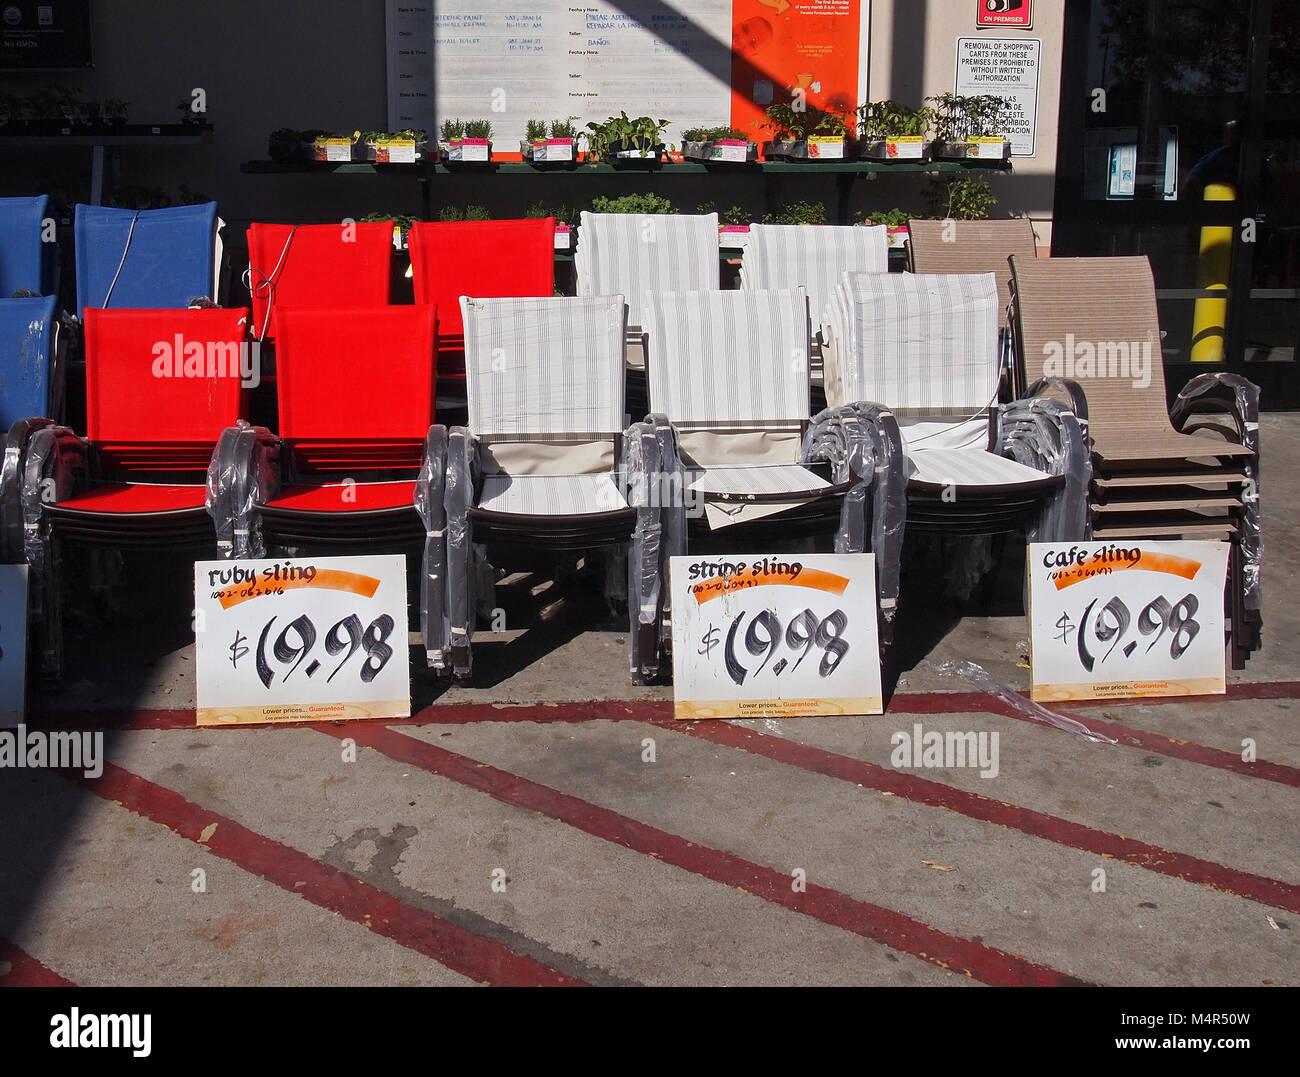 Vendita Sedie A Sdraio.Pile Di Sedie A Sdraio Per Vendita A Home Depot Store California